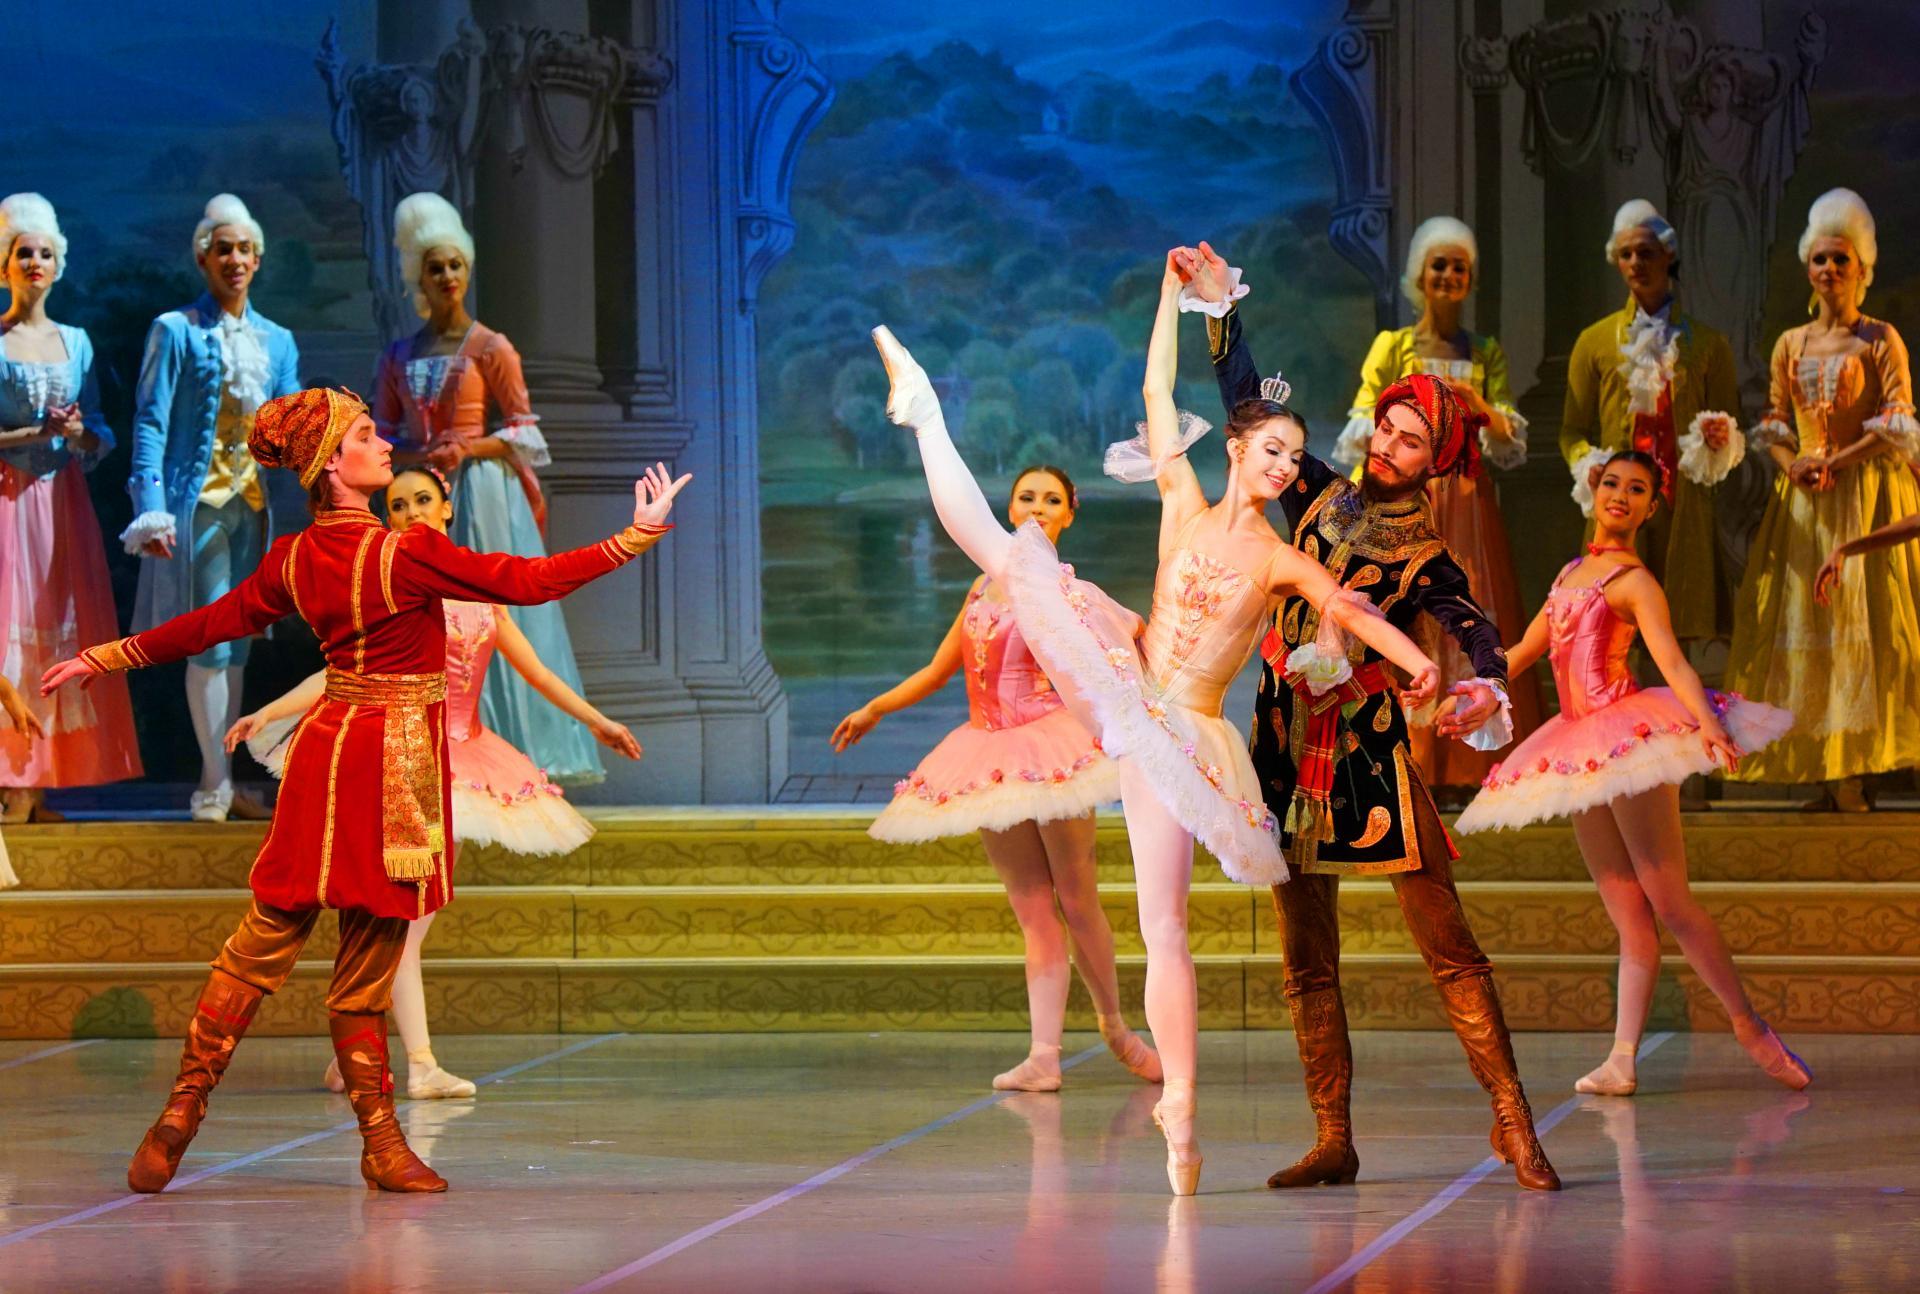 Jean Guillaume Bart La Belle au bois dormant Yacobson Ballet # Ballet Belle Au Bois Dormant